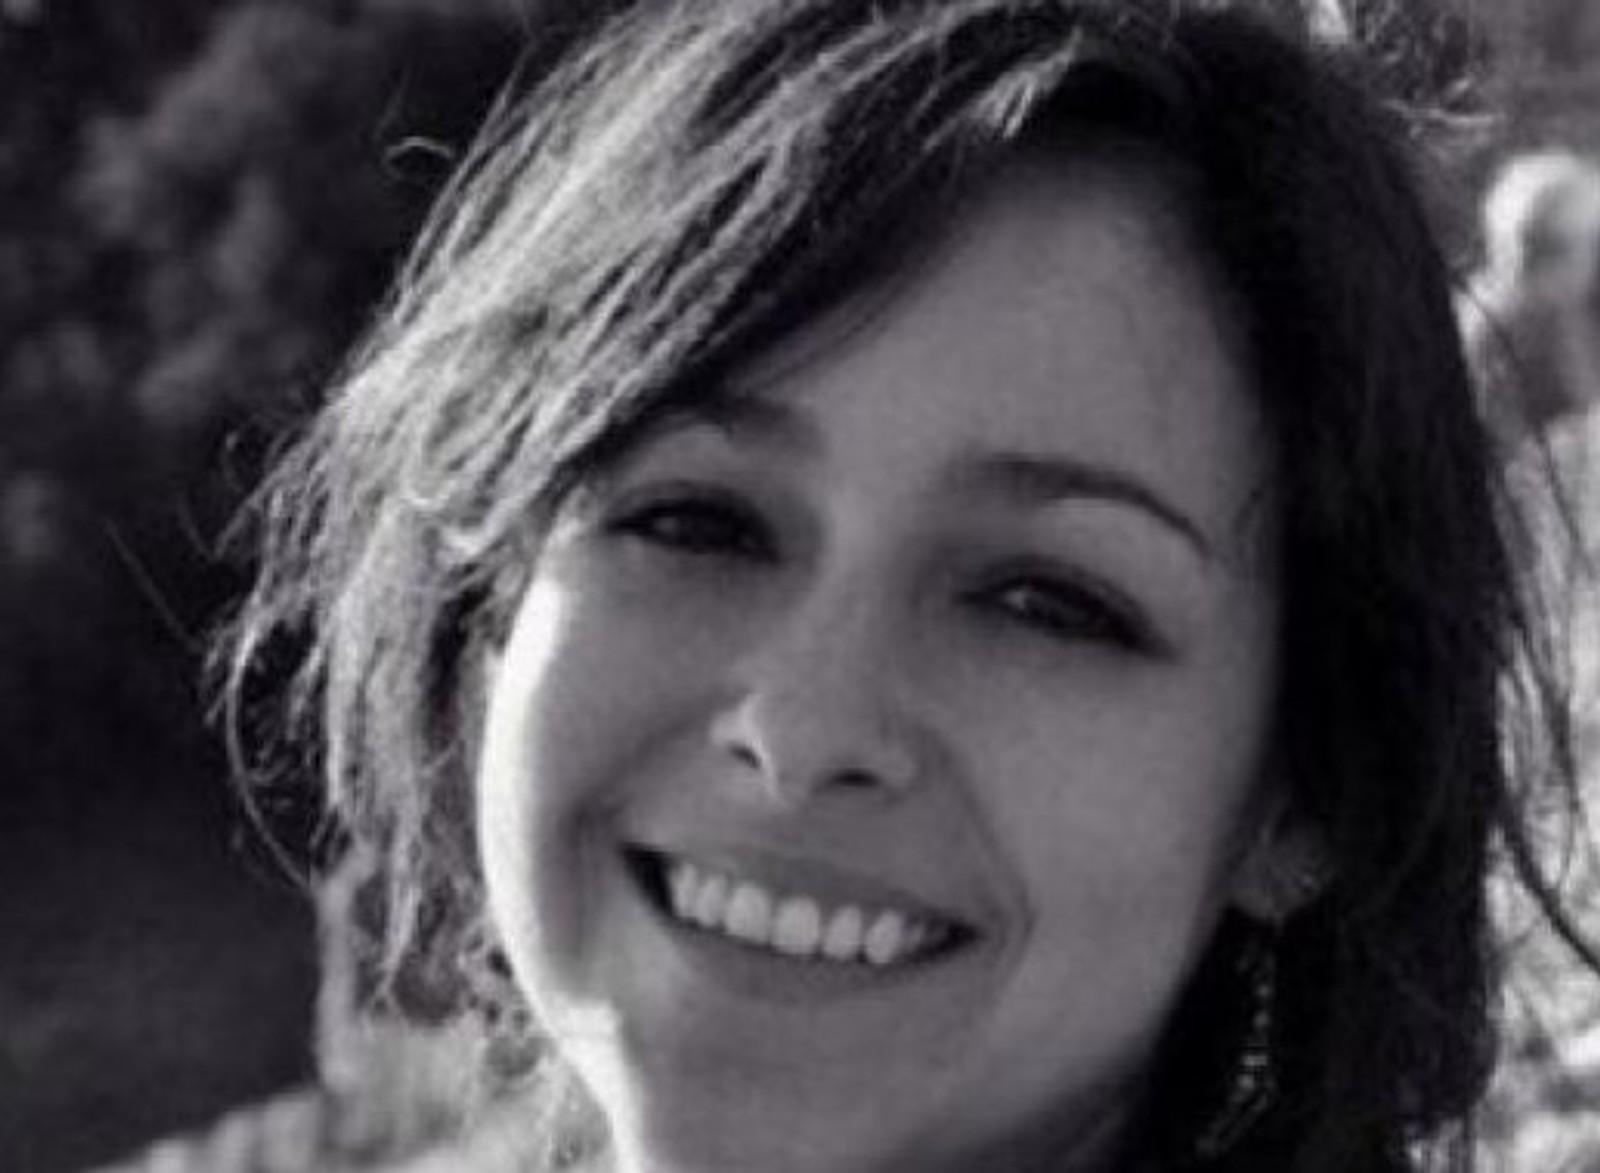 DREPT: Mexikanske Michelle Gil Jaímez (27) hadde nettopp forlovet seg og var ferdigutdannet fra universitetet i Lyon. Hun mistet livet på Rue de Charonne.